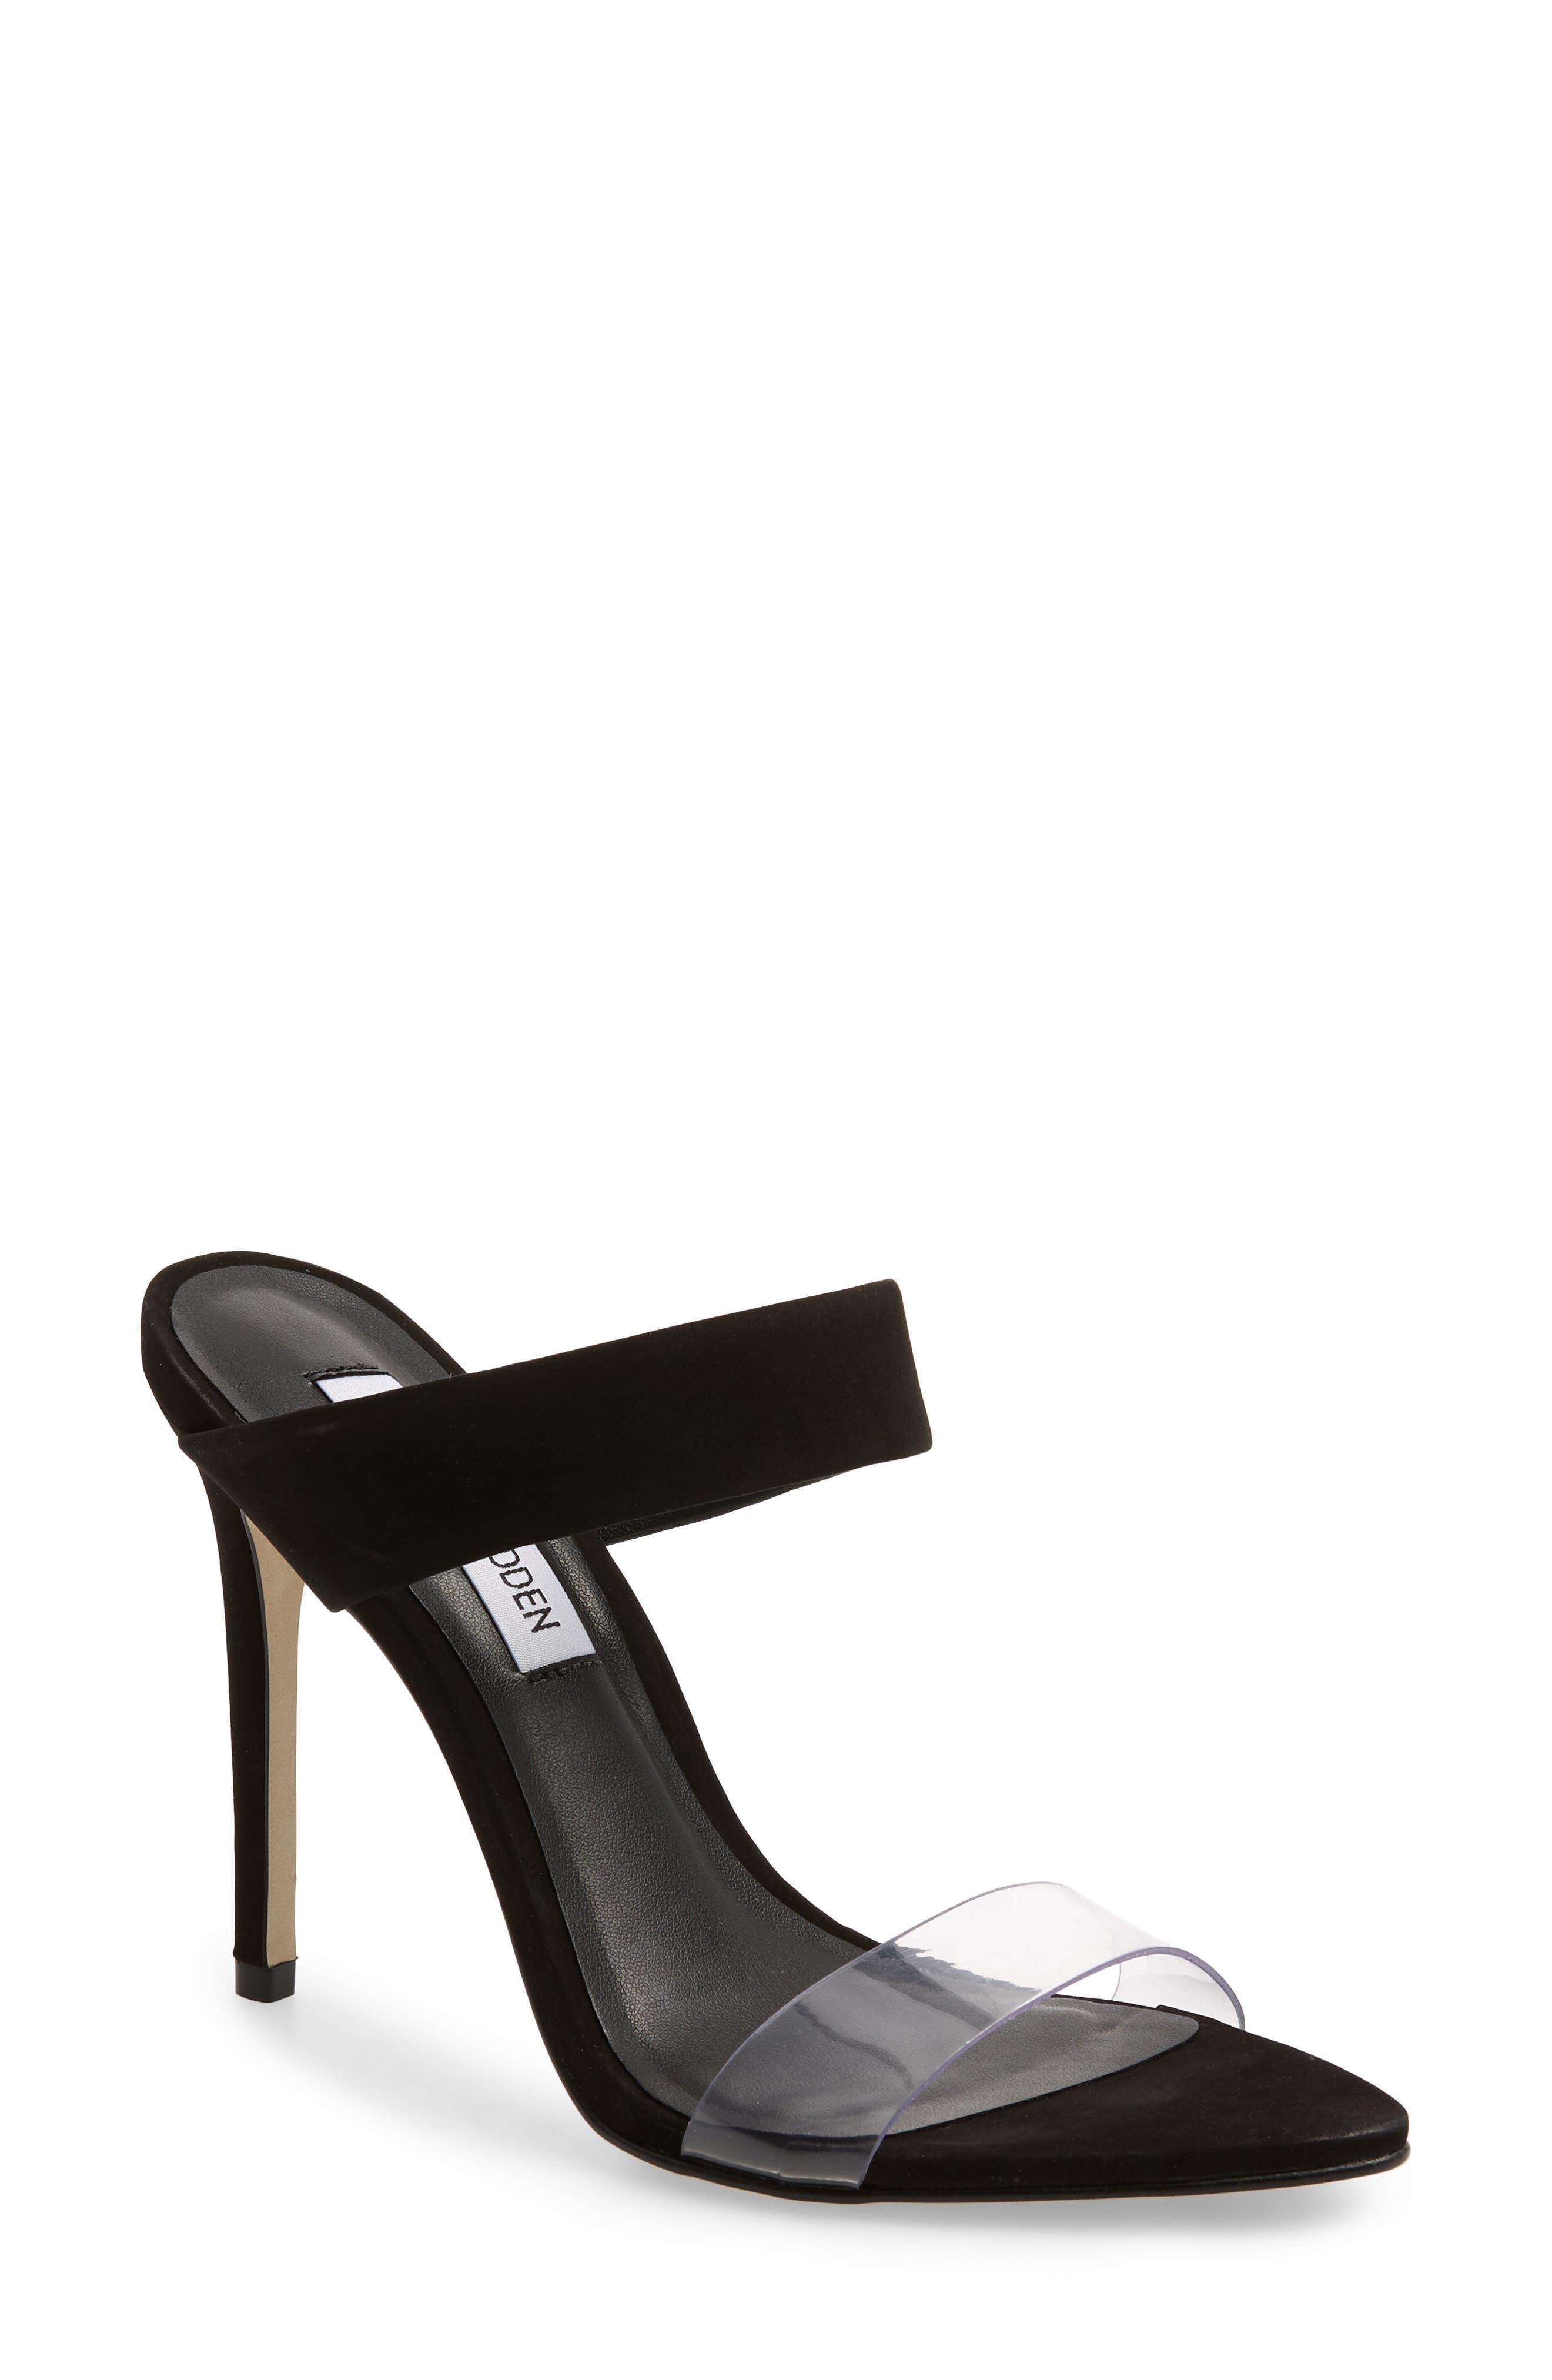 STEVE MADDEN Amaya Clear Slide Sandal, Main, color, BLACK NUBUCK LEATHER